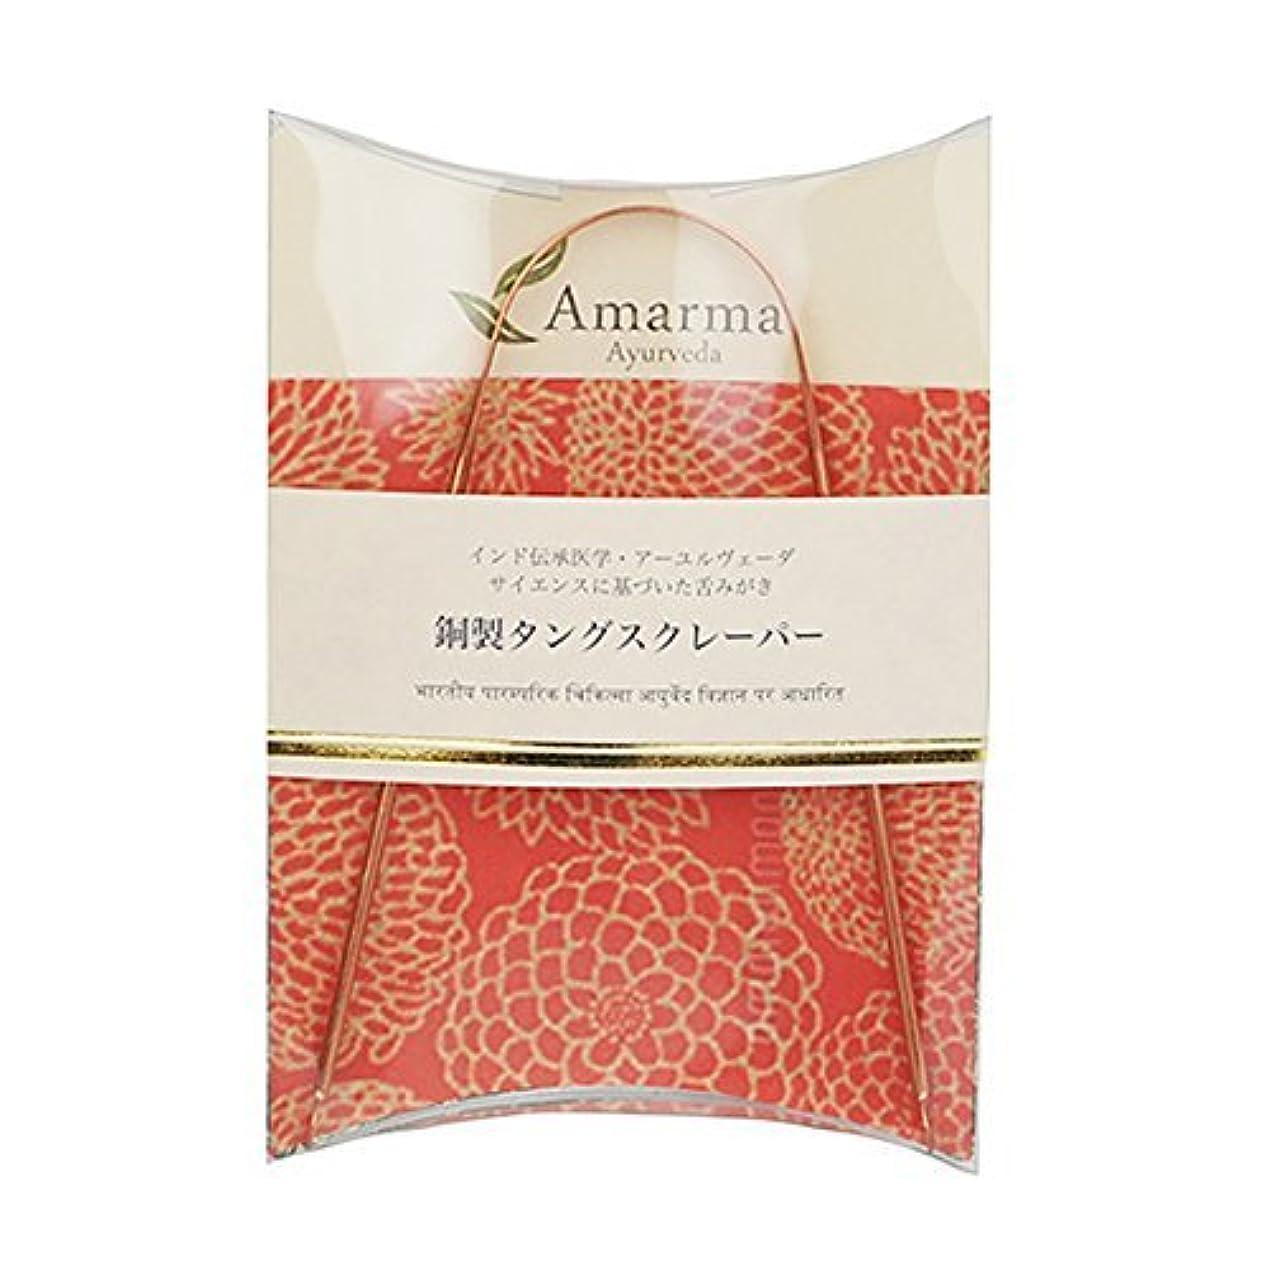 ナインへ振動するずっと銅製タングスクレーパー(舌みがき)日本製